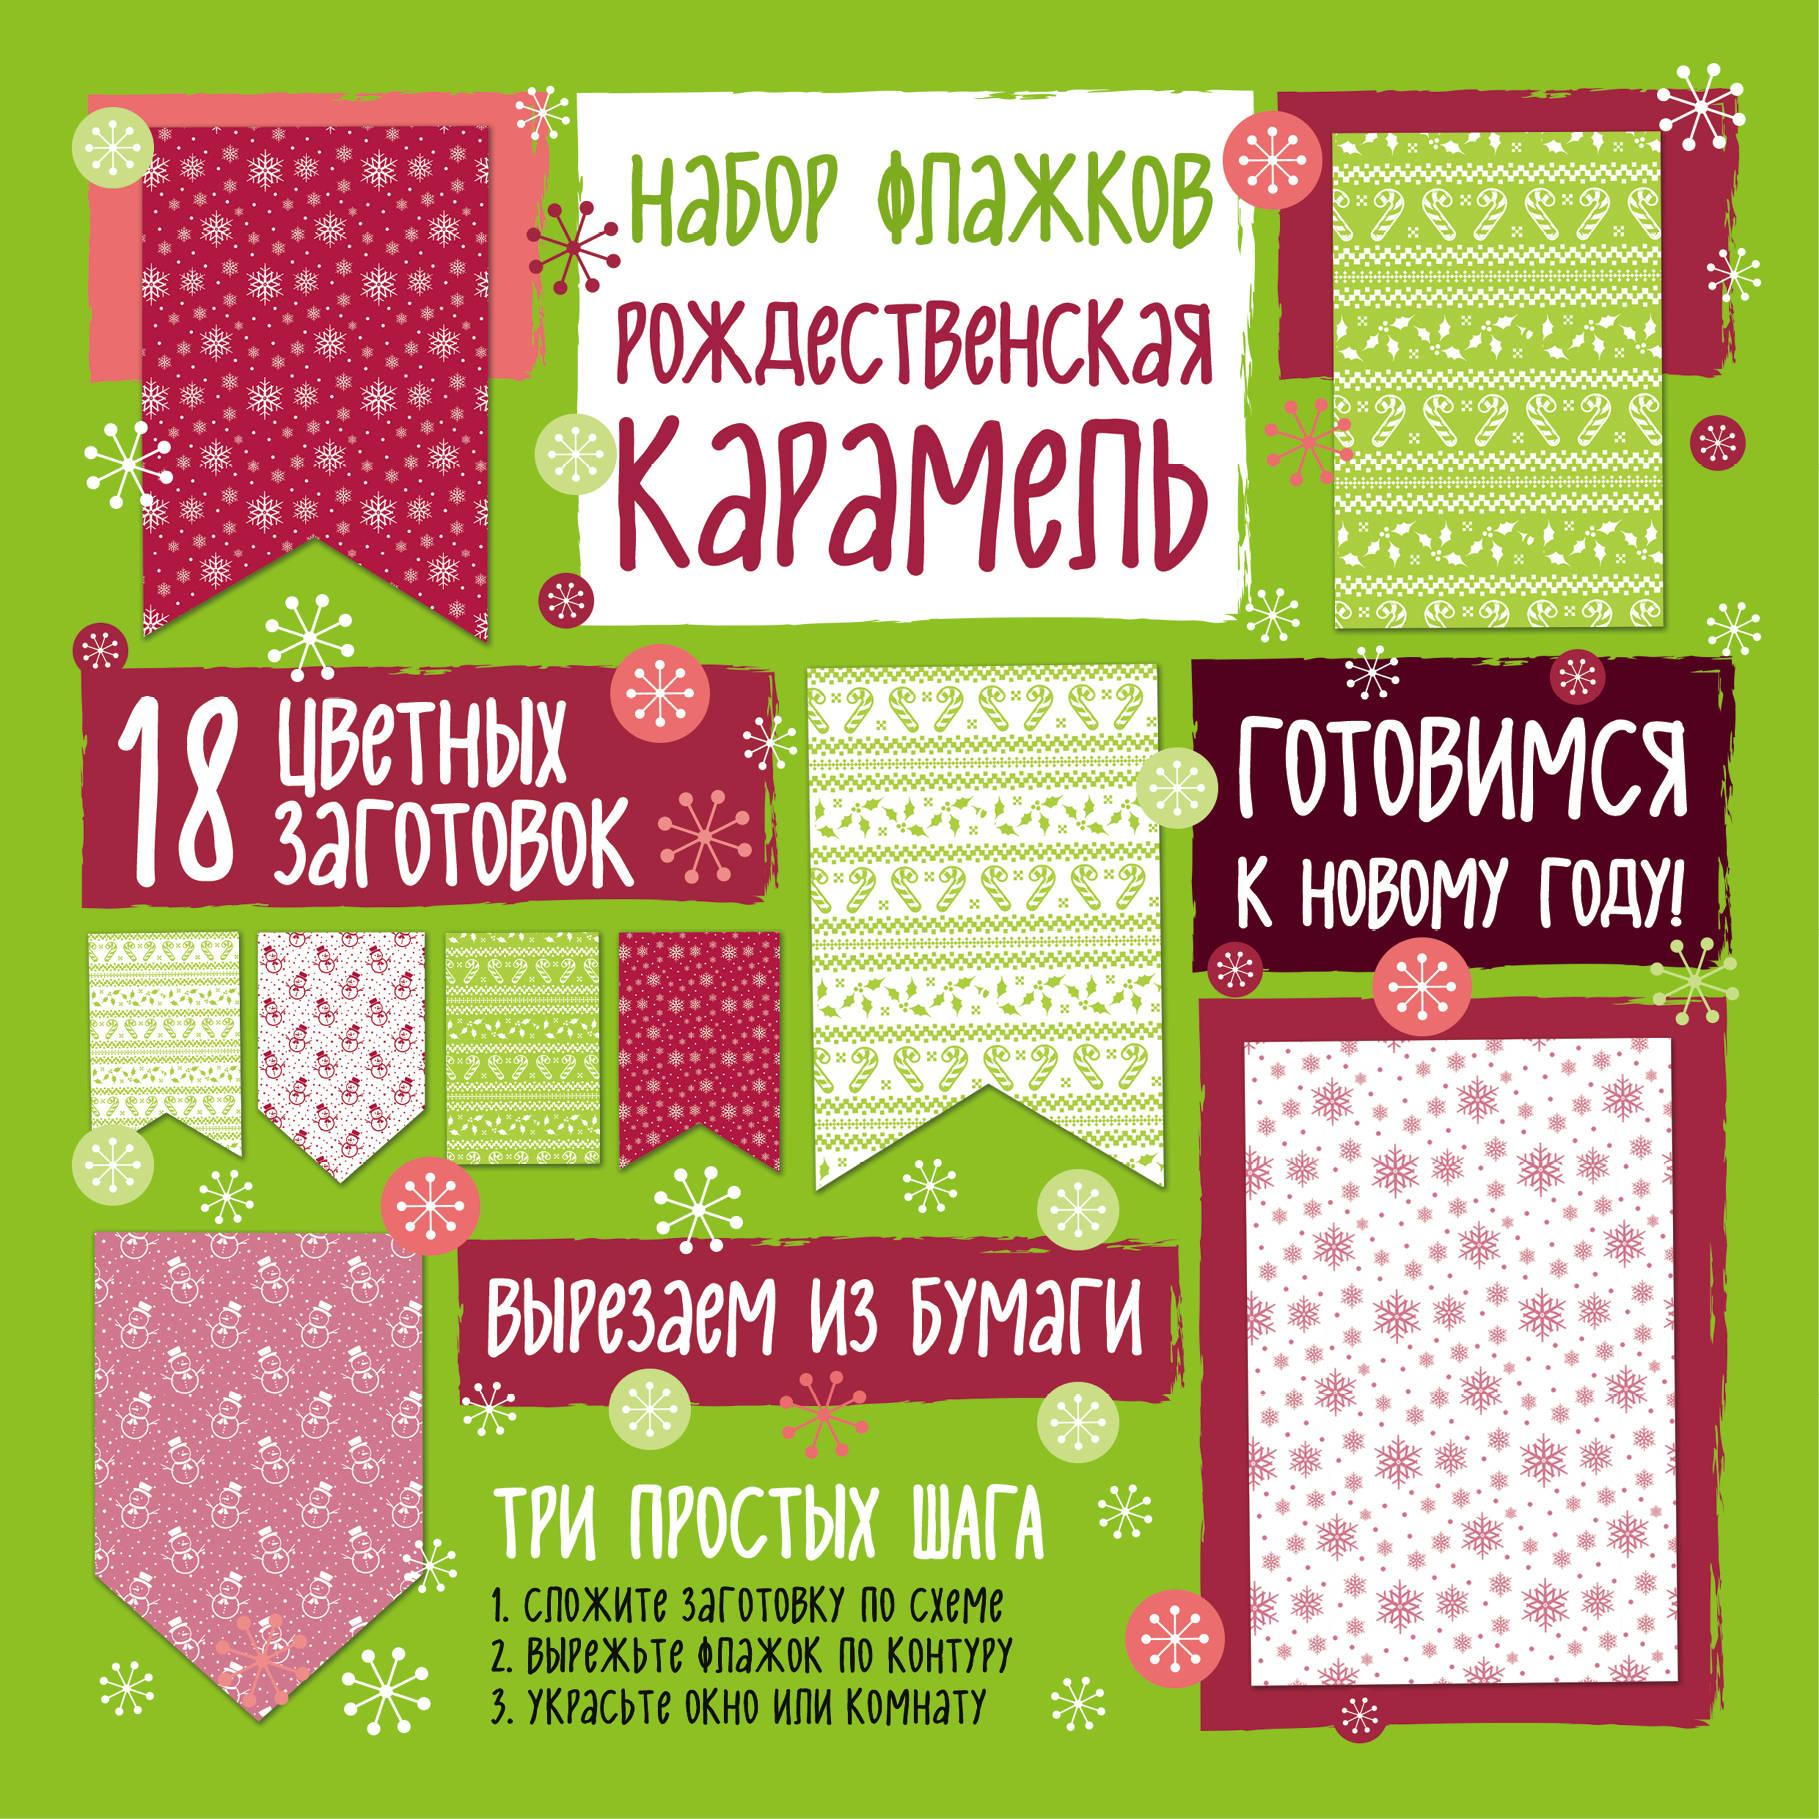 Рождественская карамель. Набор флажков из бумаги телефон из бумаги